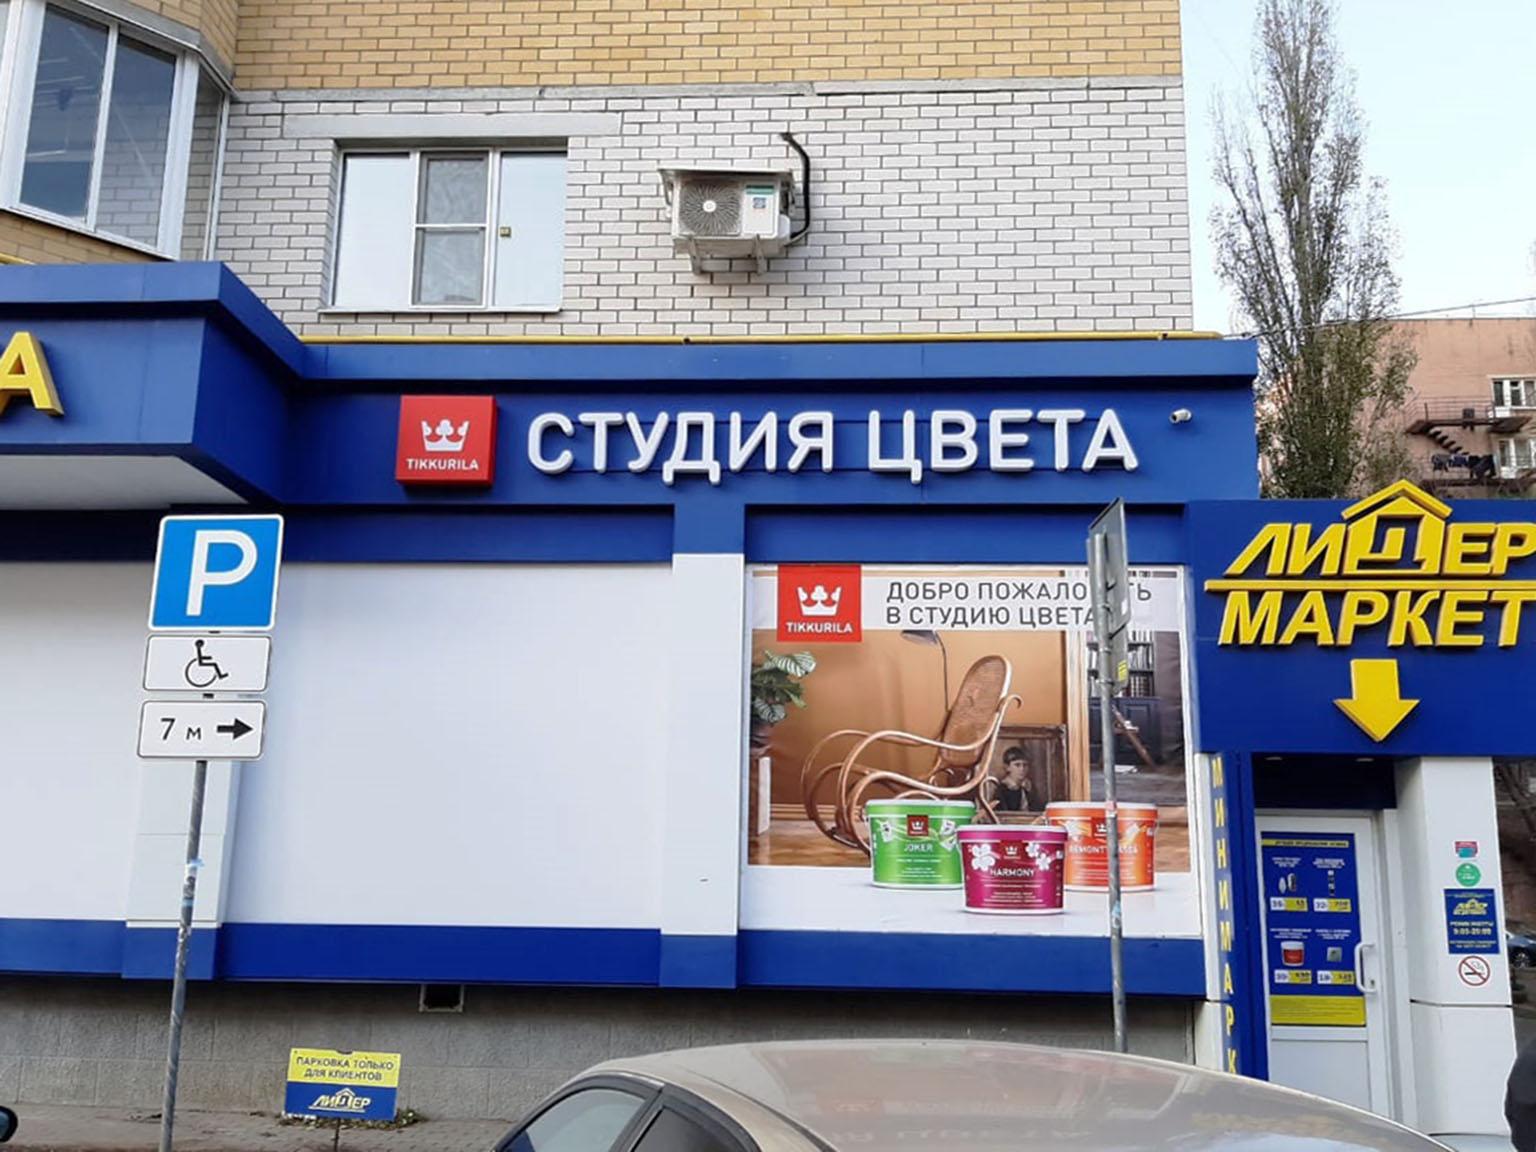 Магазин «TIKKURILA», объемные световые буквы и логотип